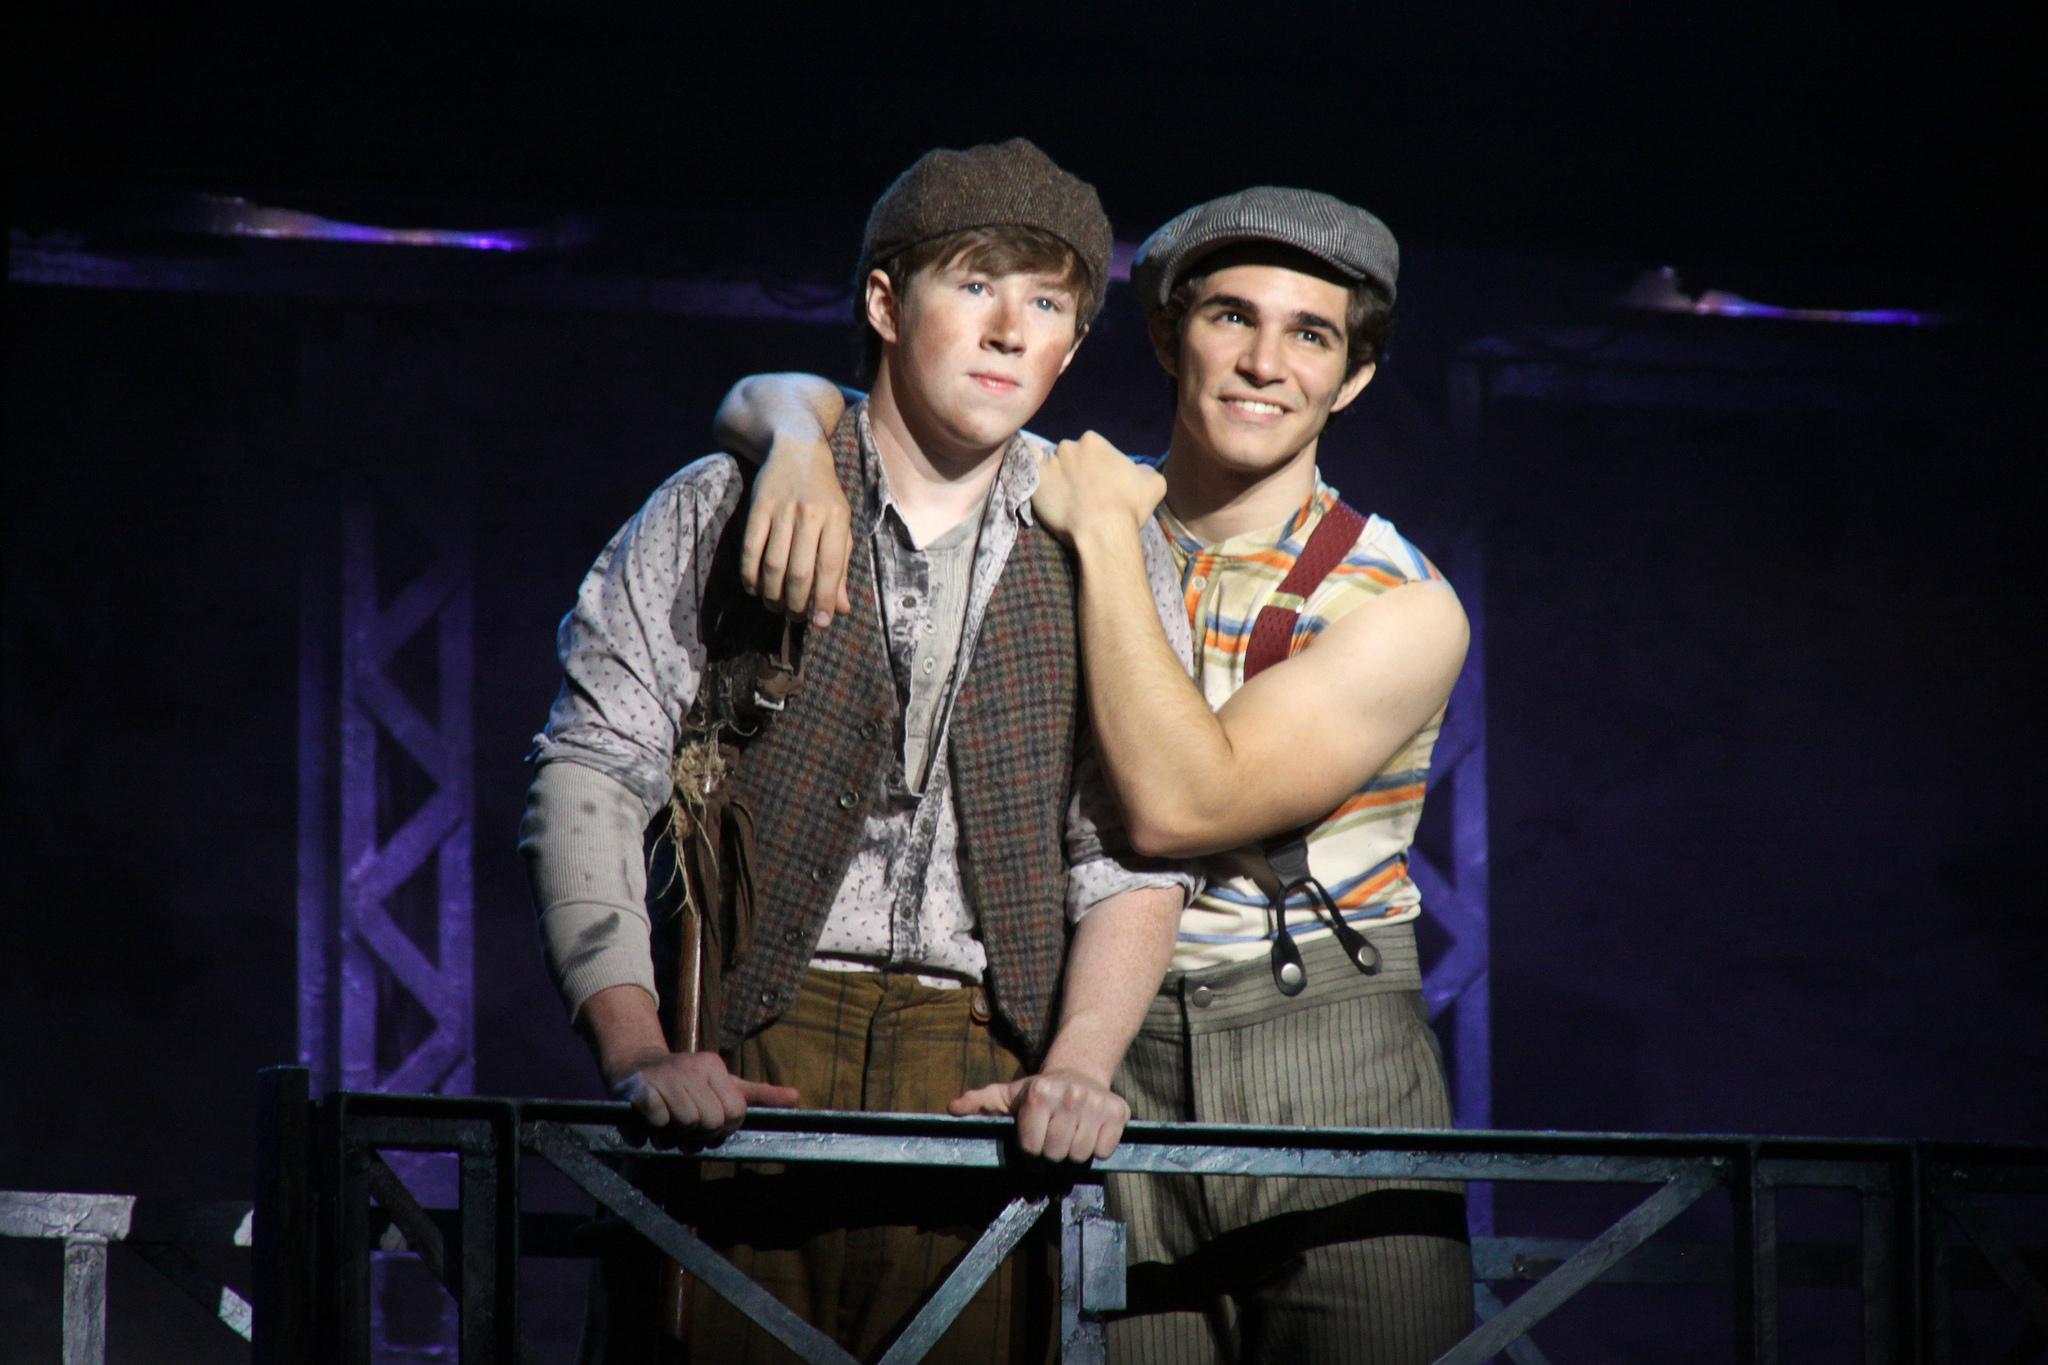 Newsies - Zachary Sayle (Crutchie) and Joey Barreiro (Jack Kelly). ©Disney. Photo by Shane Gutierrez